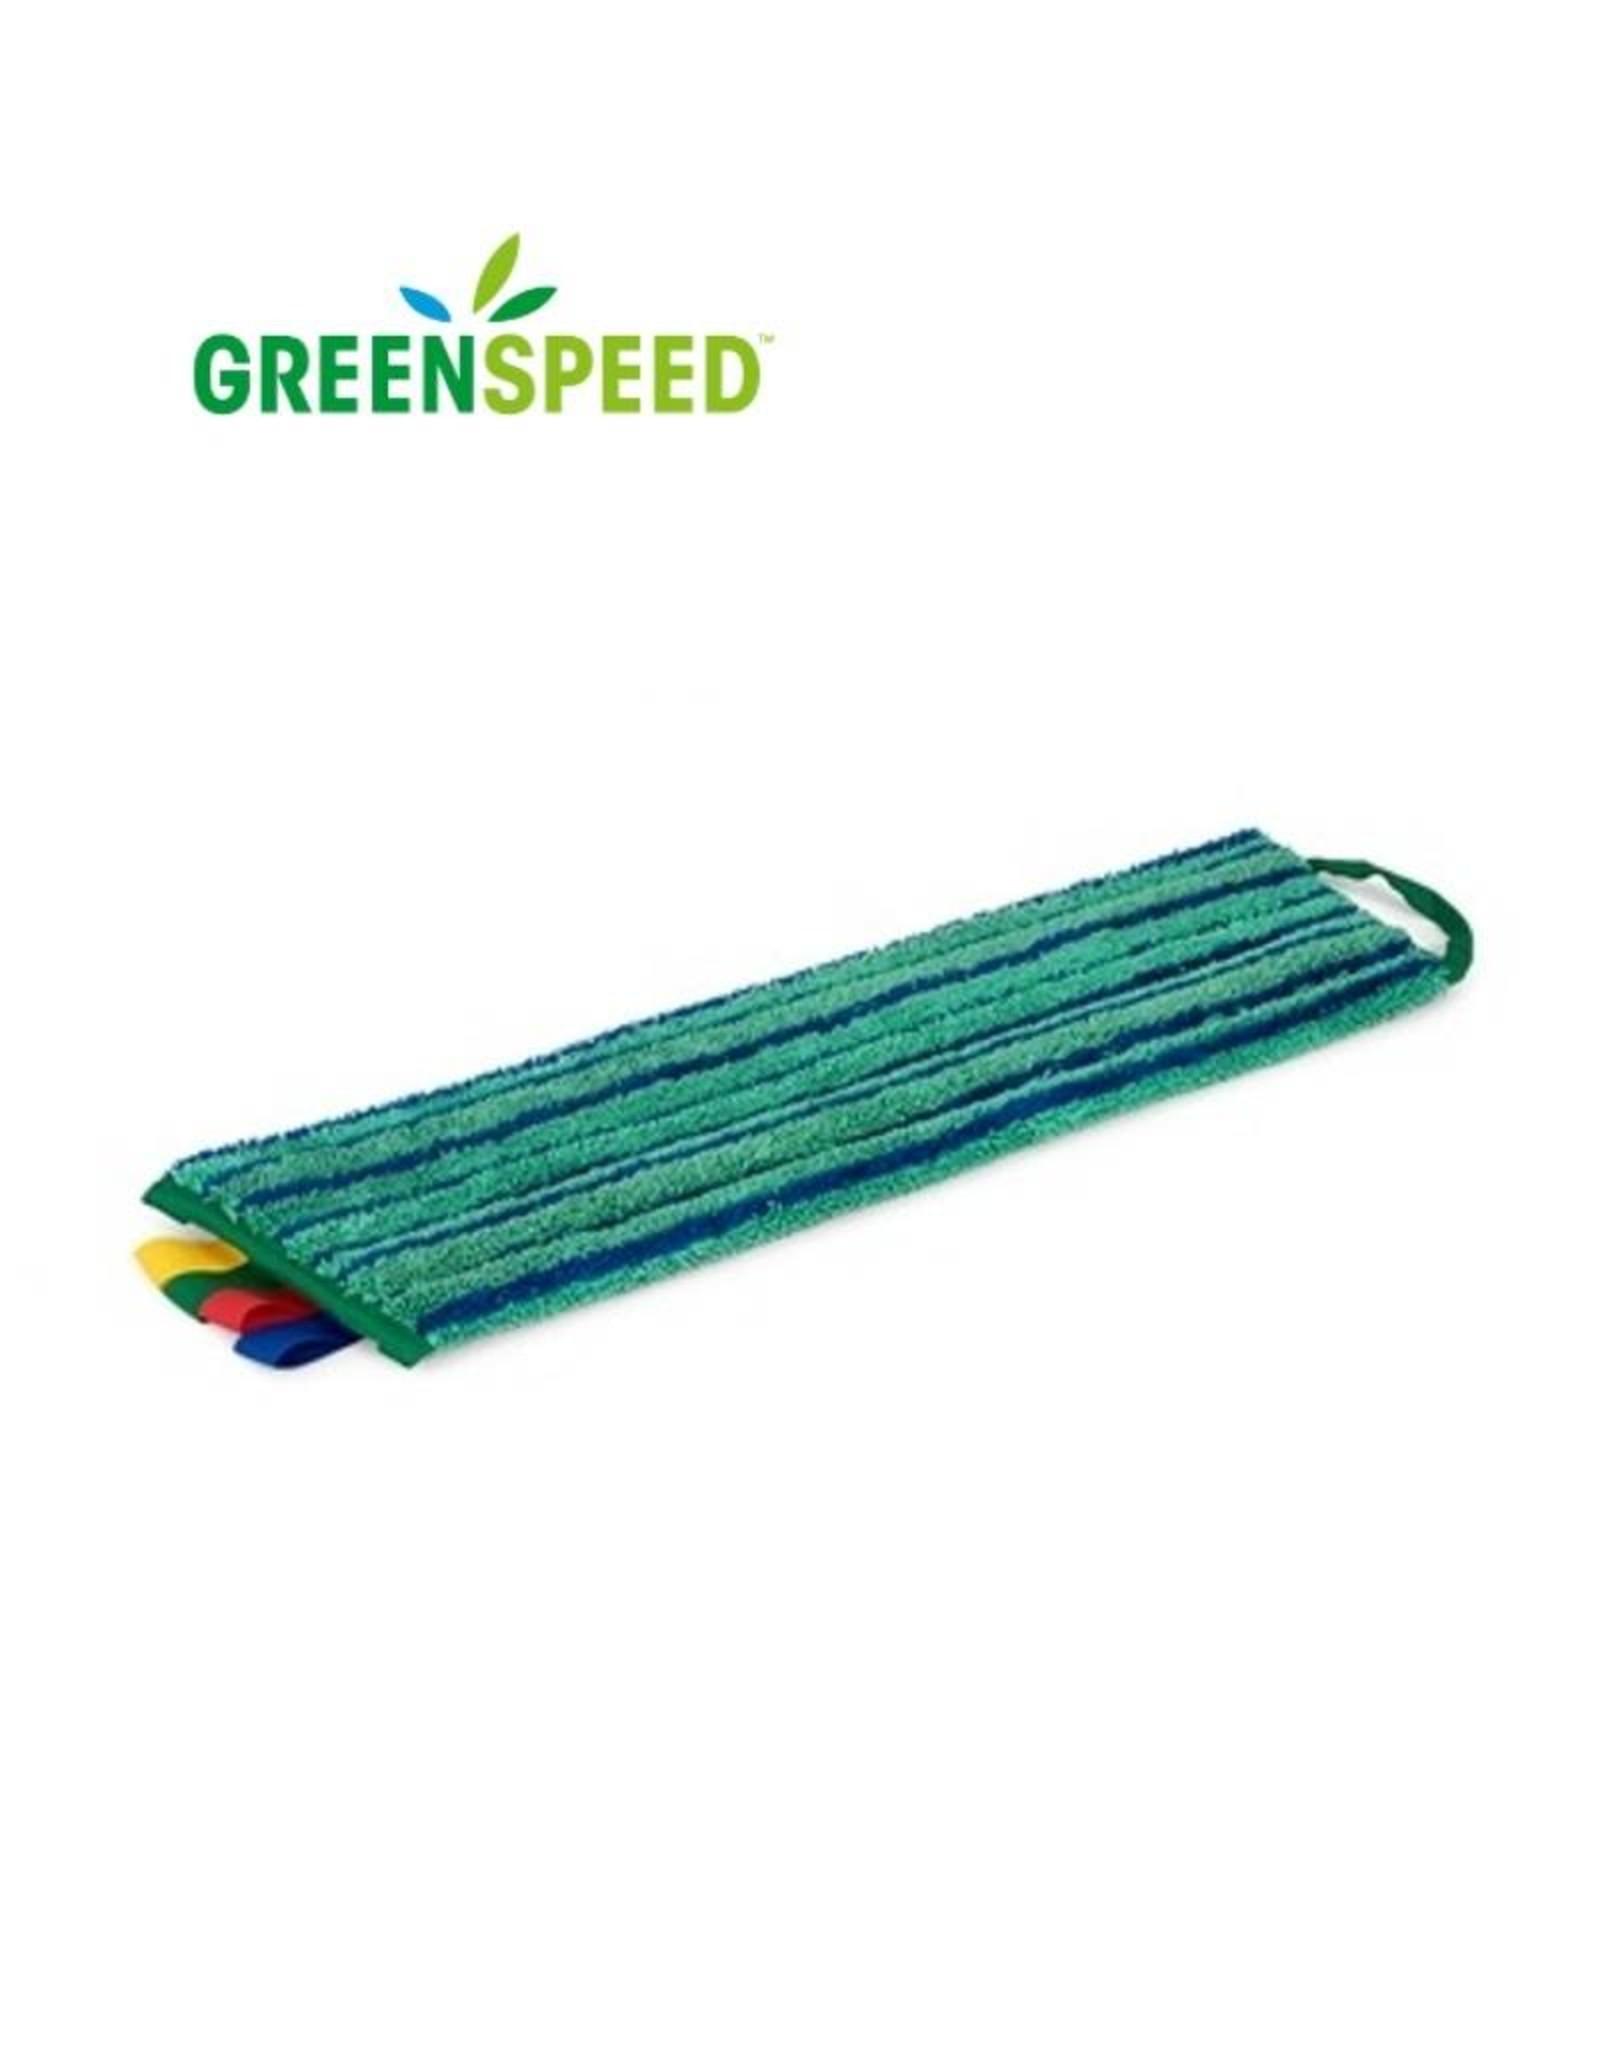 Greenspeed Scrubmop, de vlakmop met schrobeffect